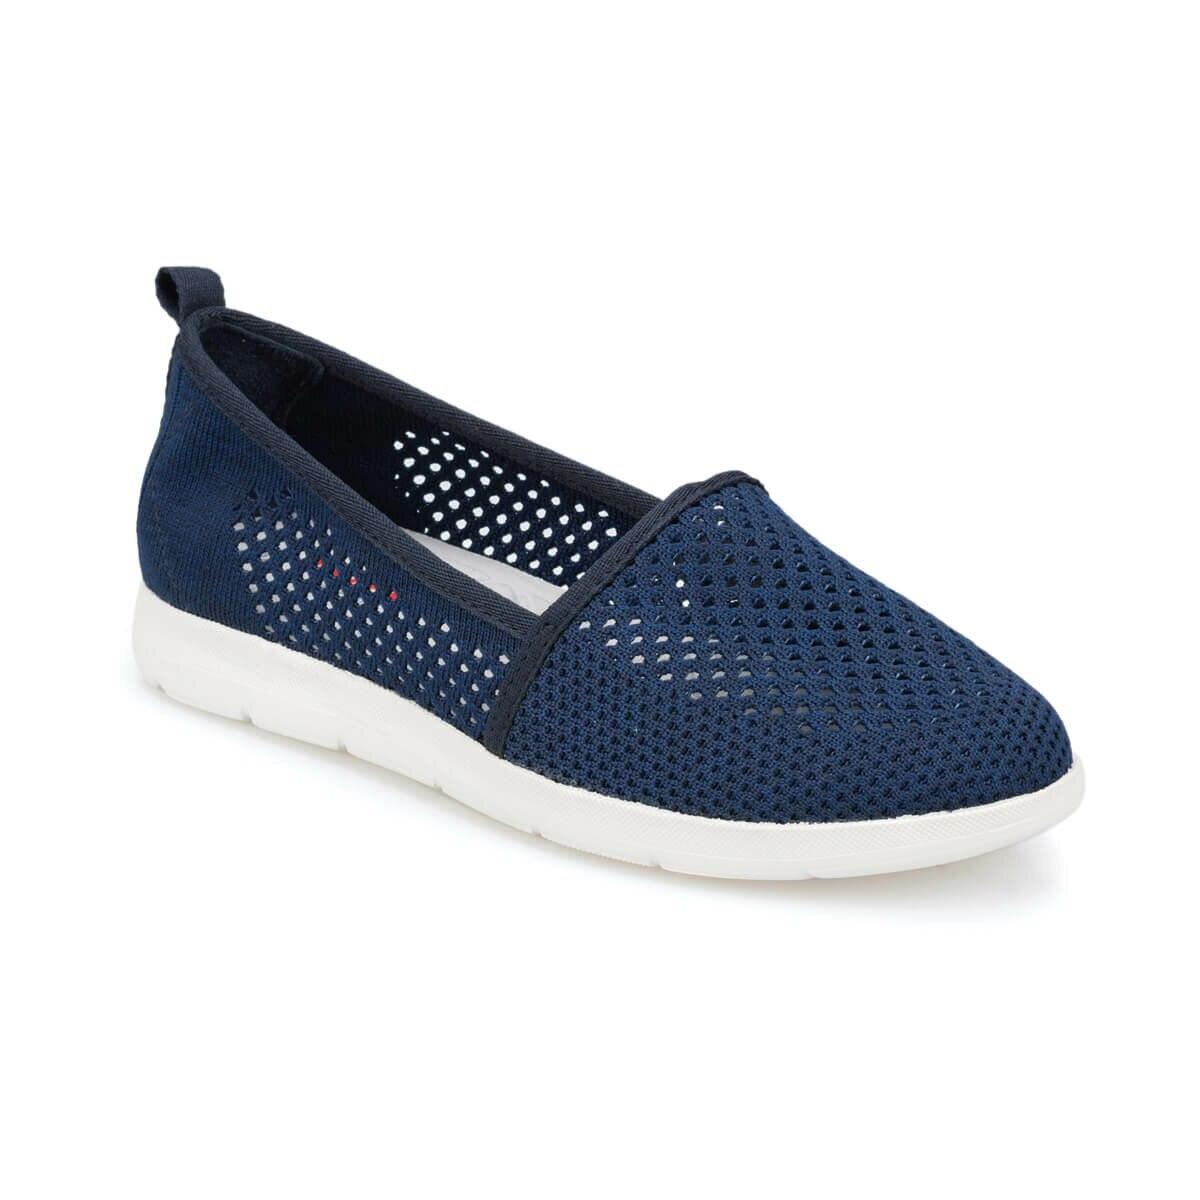 FLO 91. 150698.Z Beige Women 'S Shoes Polaris